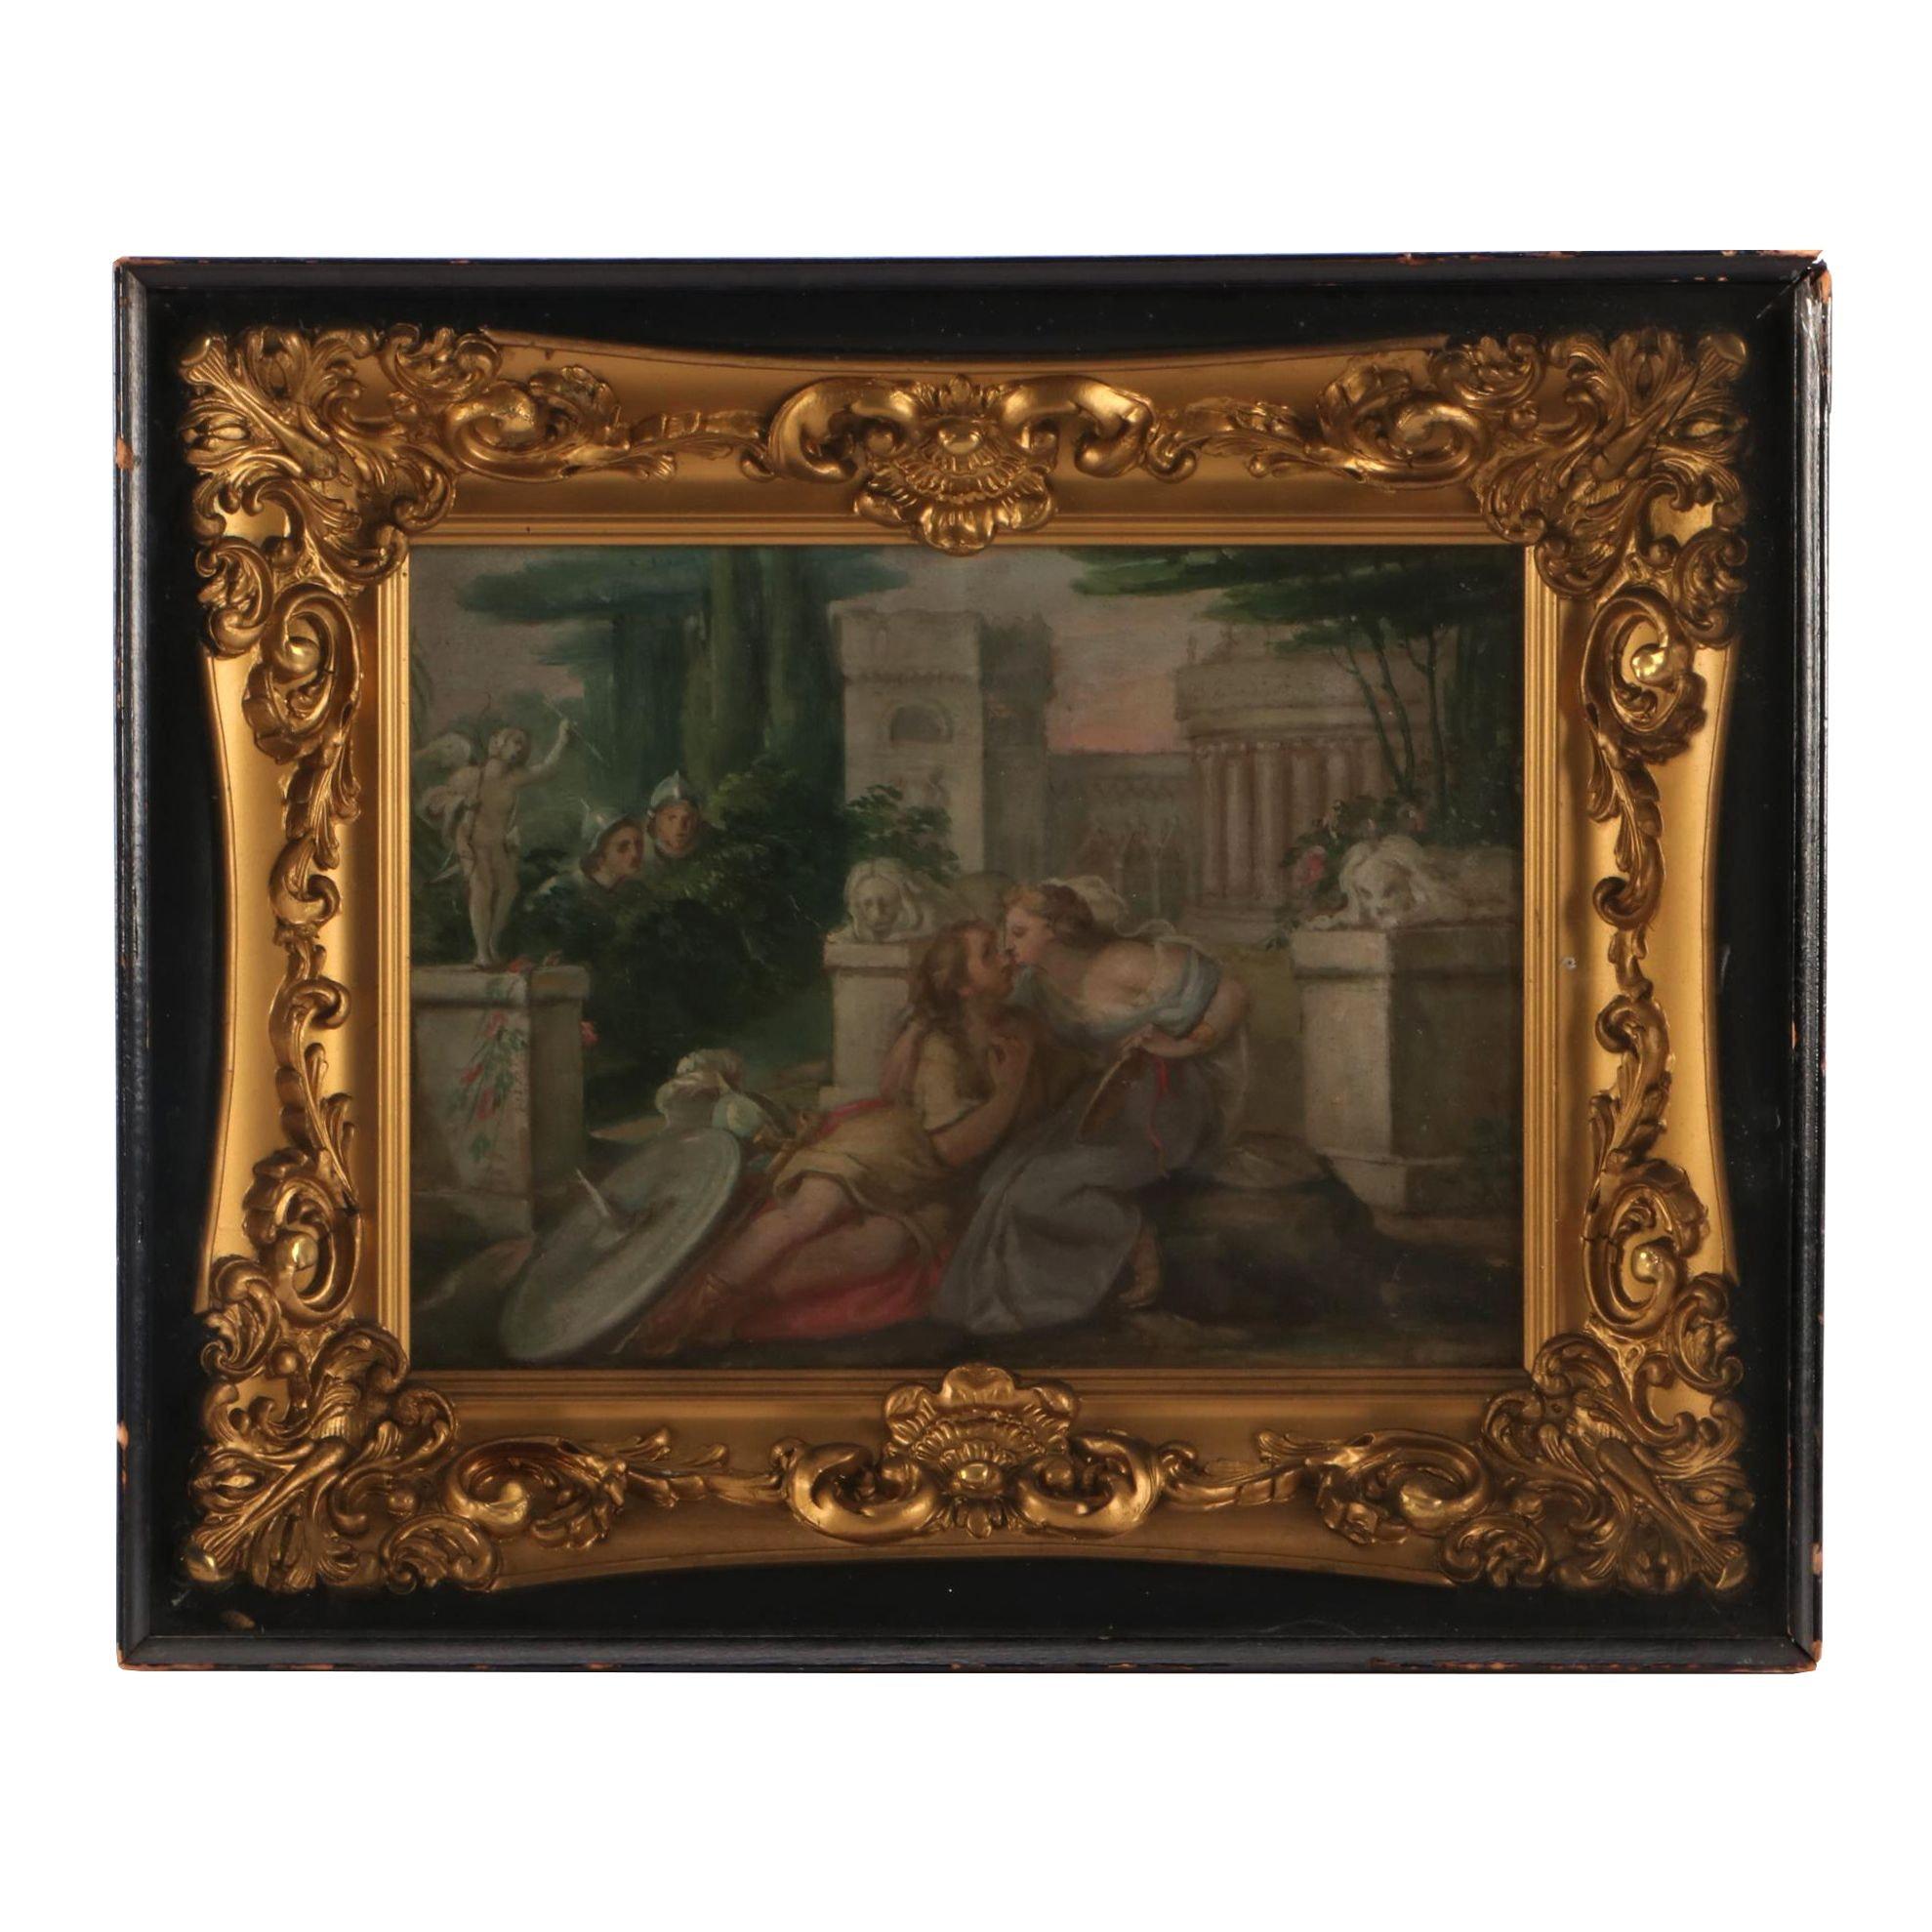 Antique Fête Galante Oil Painting on Canvas